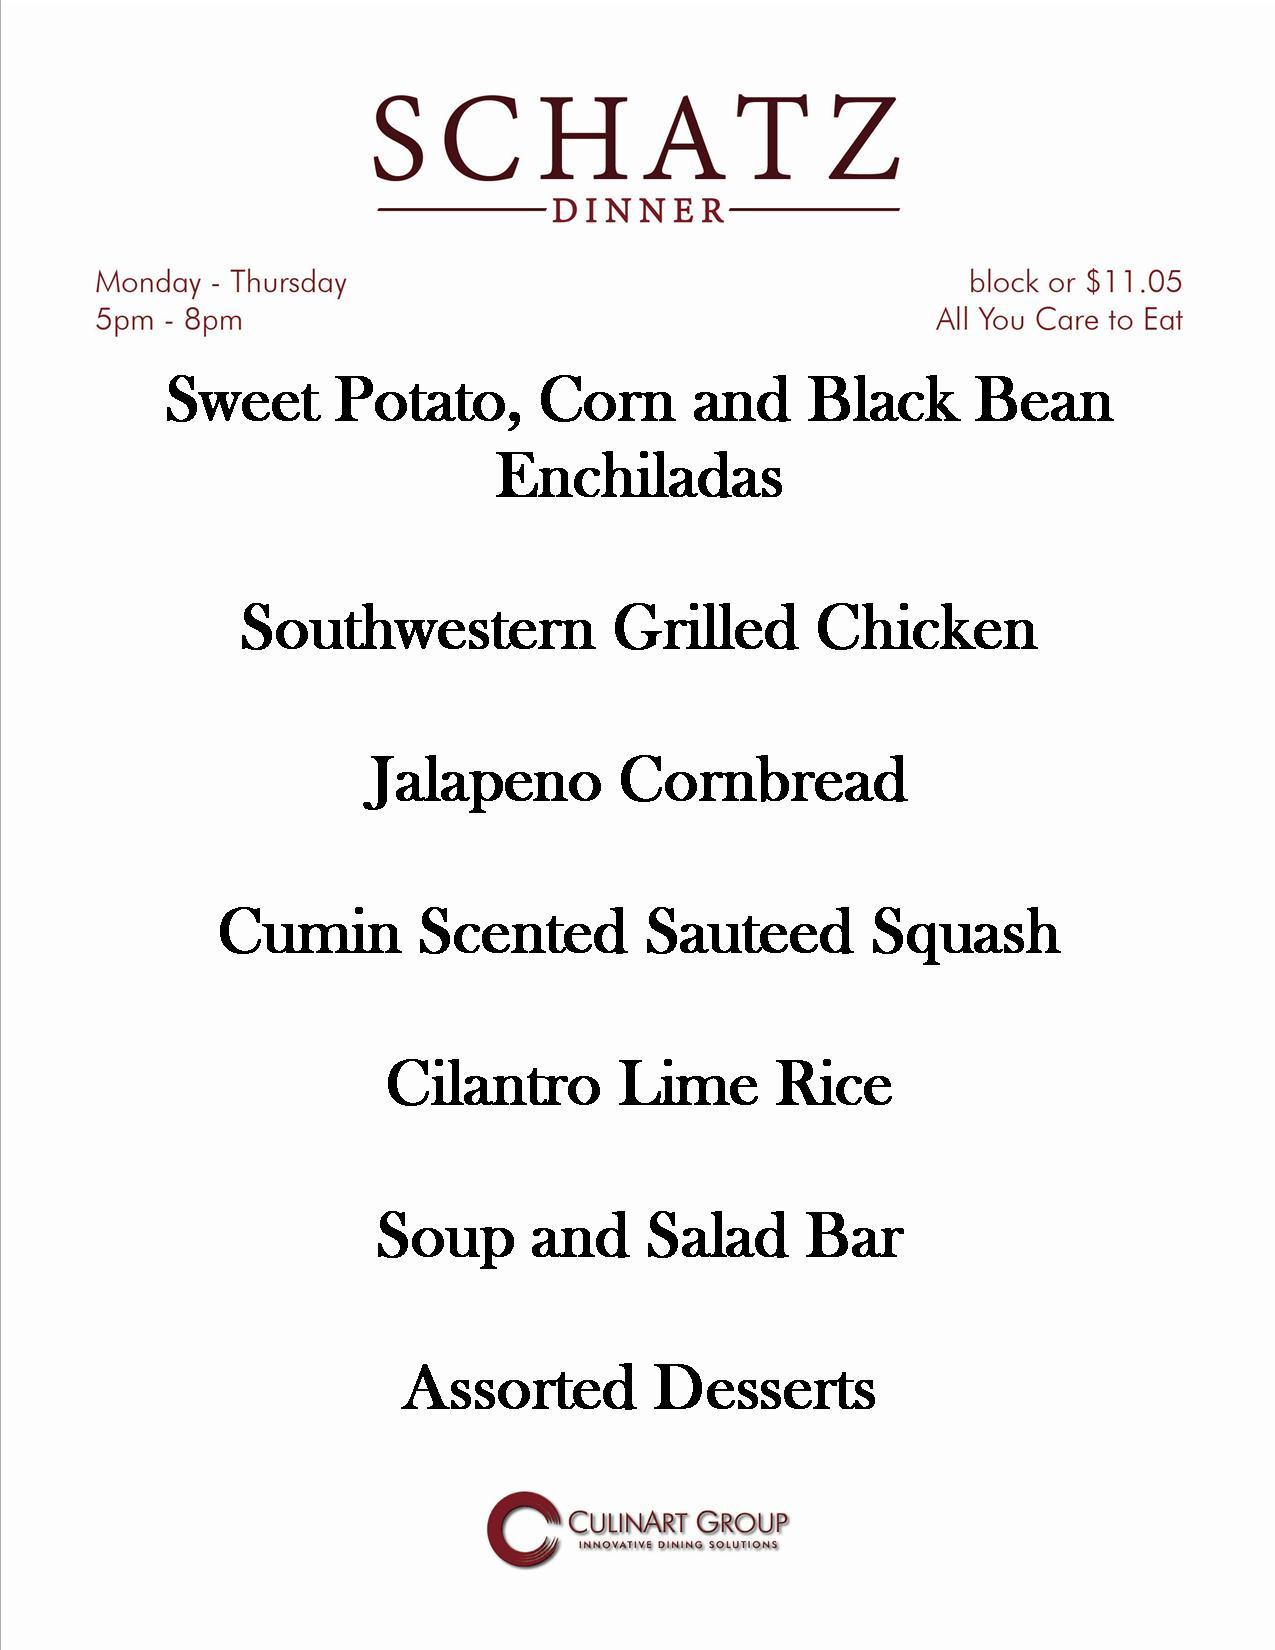 Chartwells At Cmu On Twitter Tonight S Dinner Menu